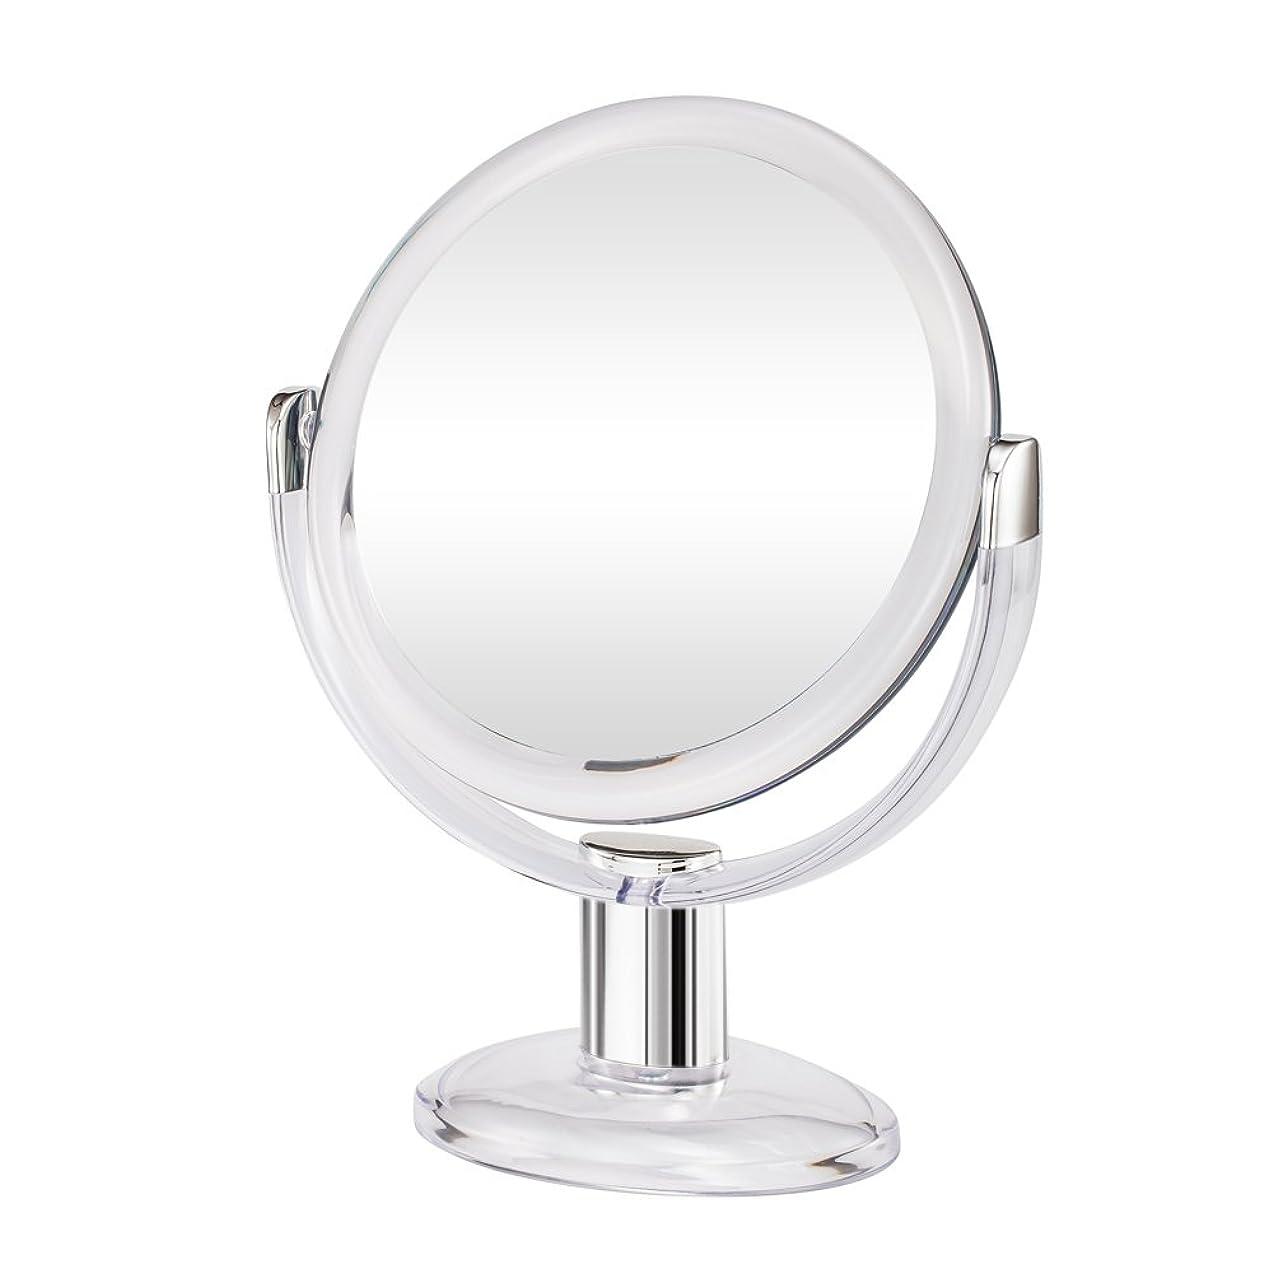 ドキュメンタリーエキス廃棄Gotofine両面拡大鏡、360度回転1倍と10倍倍率 - クリアと透明